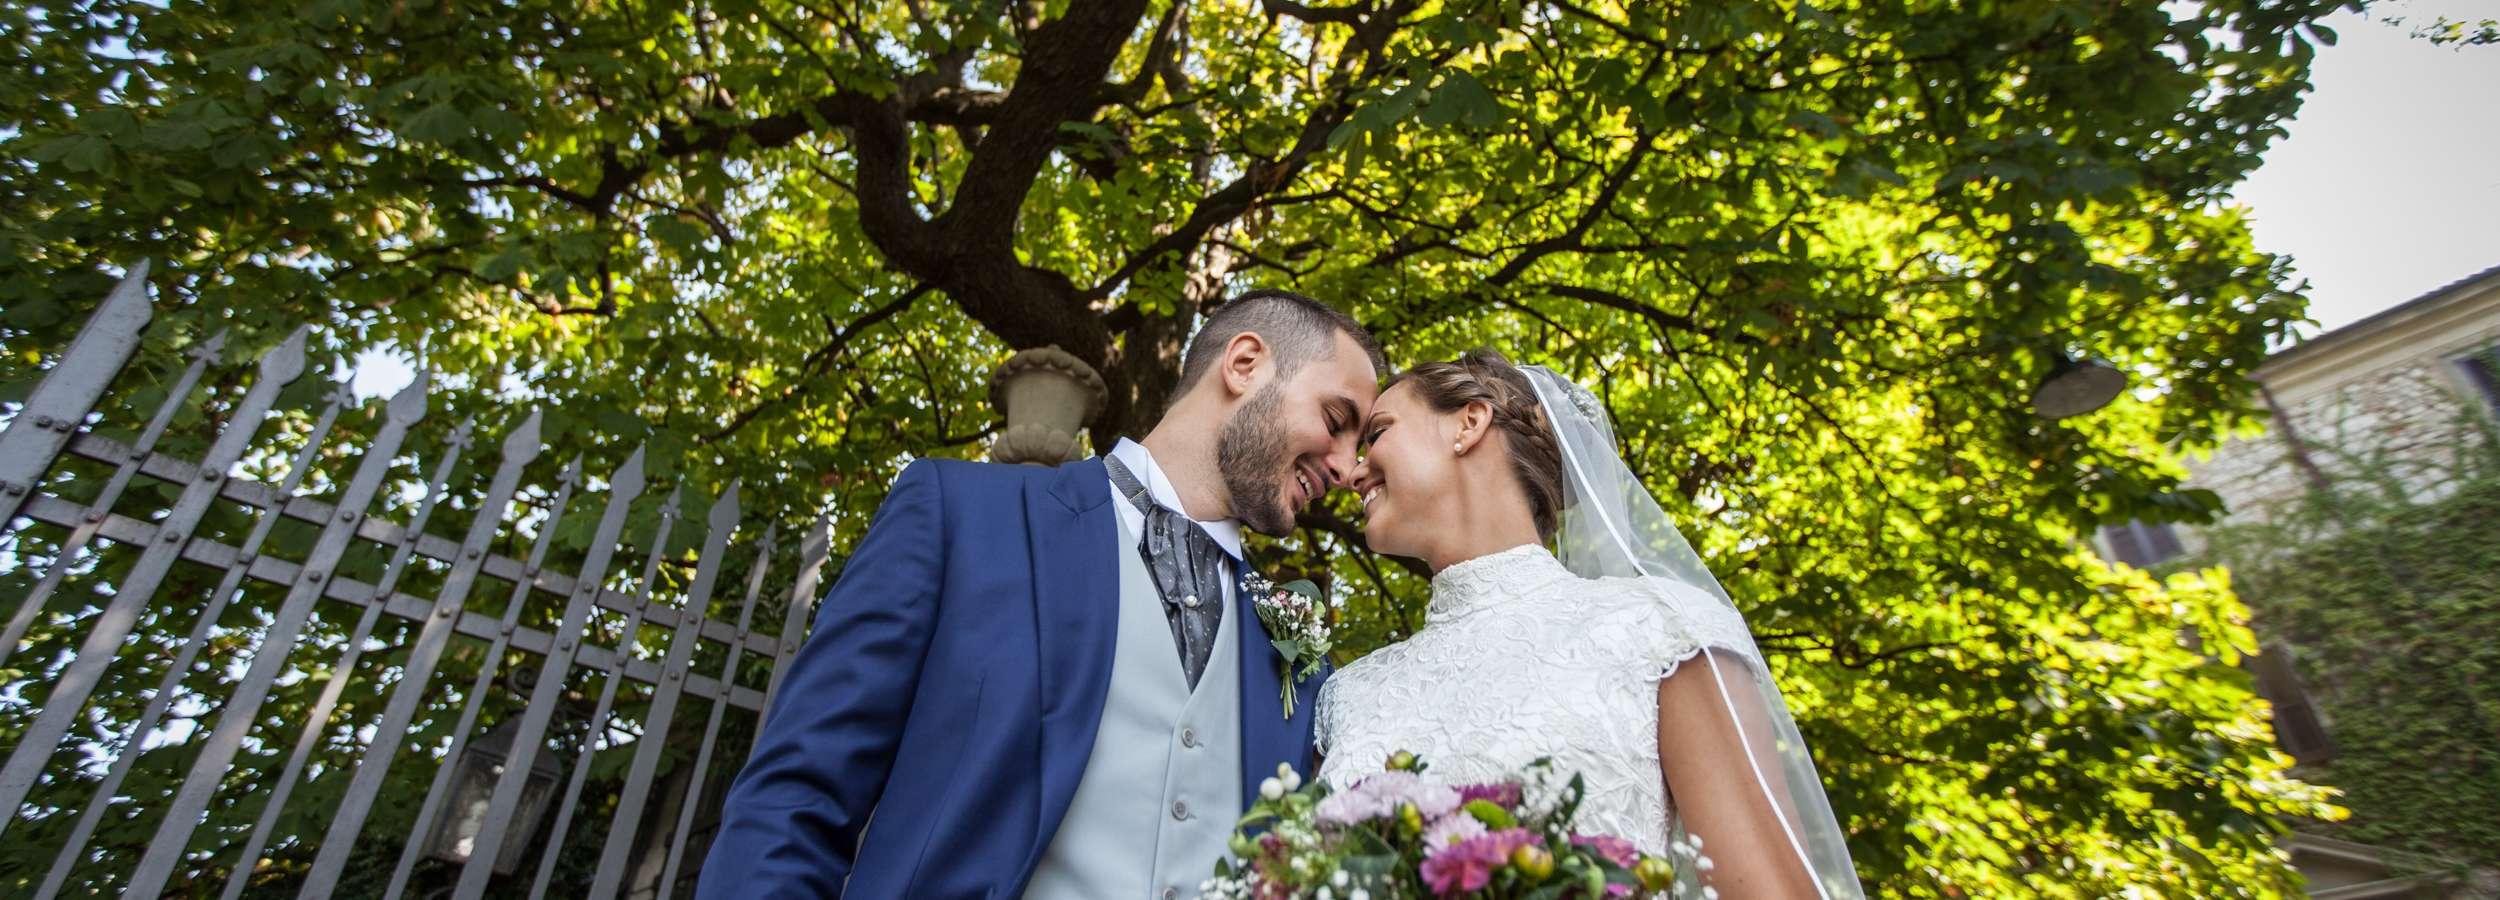 Fotografo Matrimonio alla Cascina Fiorita: Gorgonzola